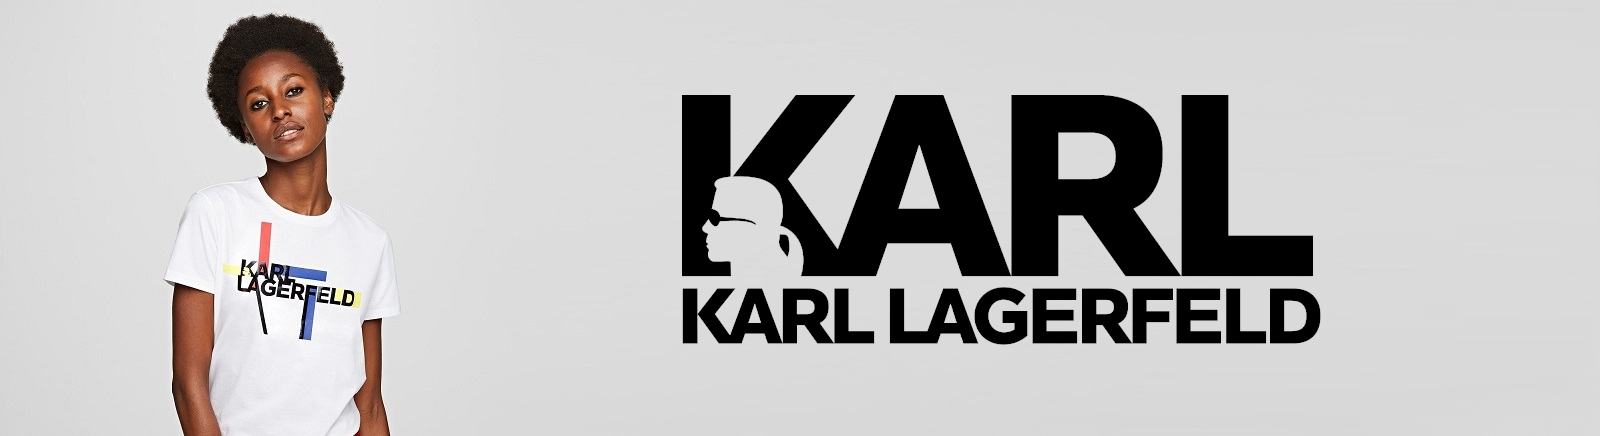 Karl Lagerfeld Markenschuhe online entdecken bei Juppen!